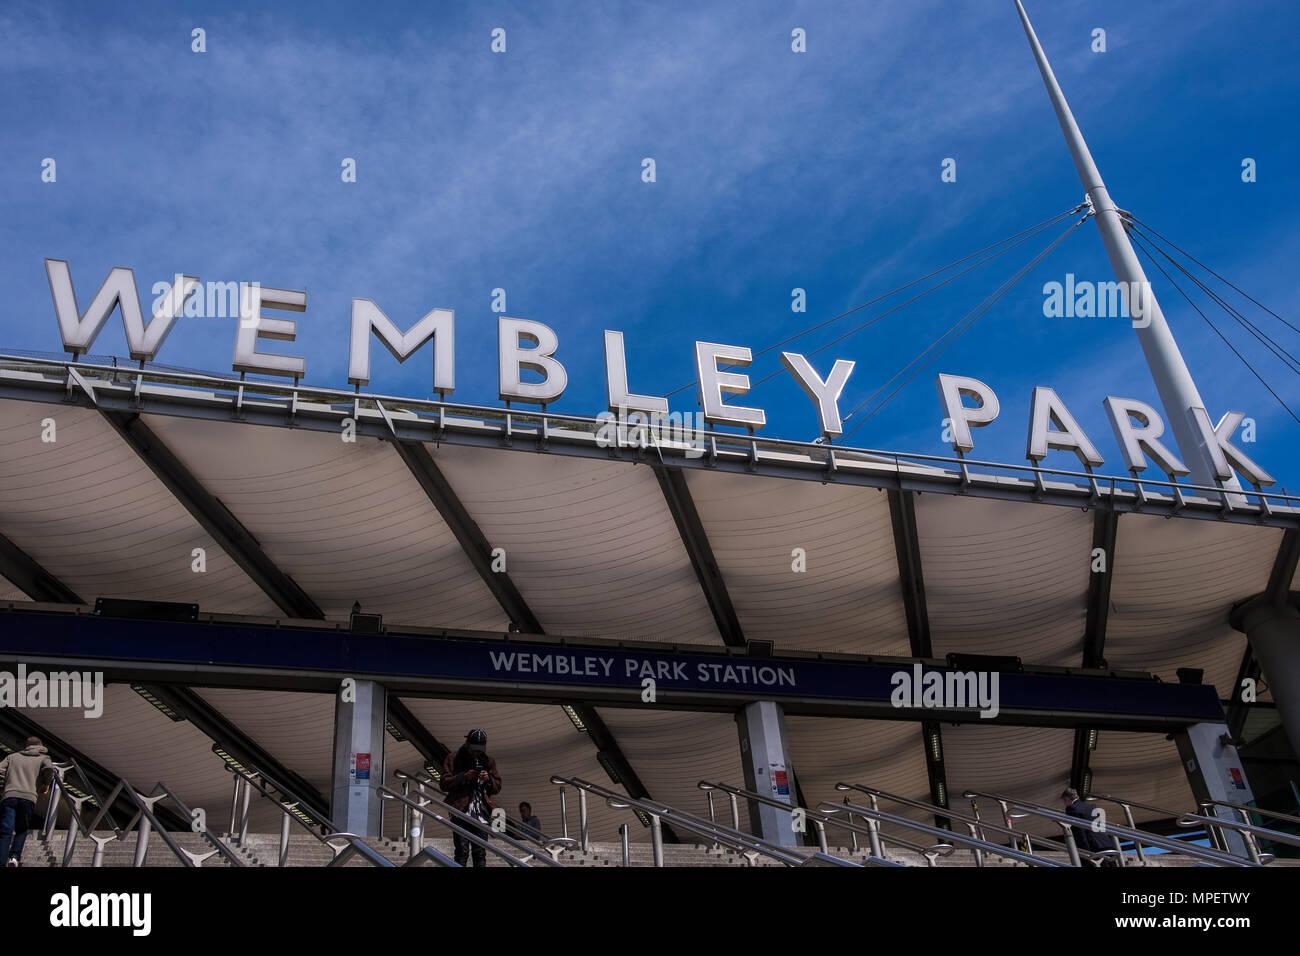 Wembley Park station, Borough of Brent, London, England, U.K. - Stock Image